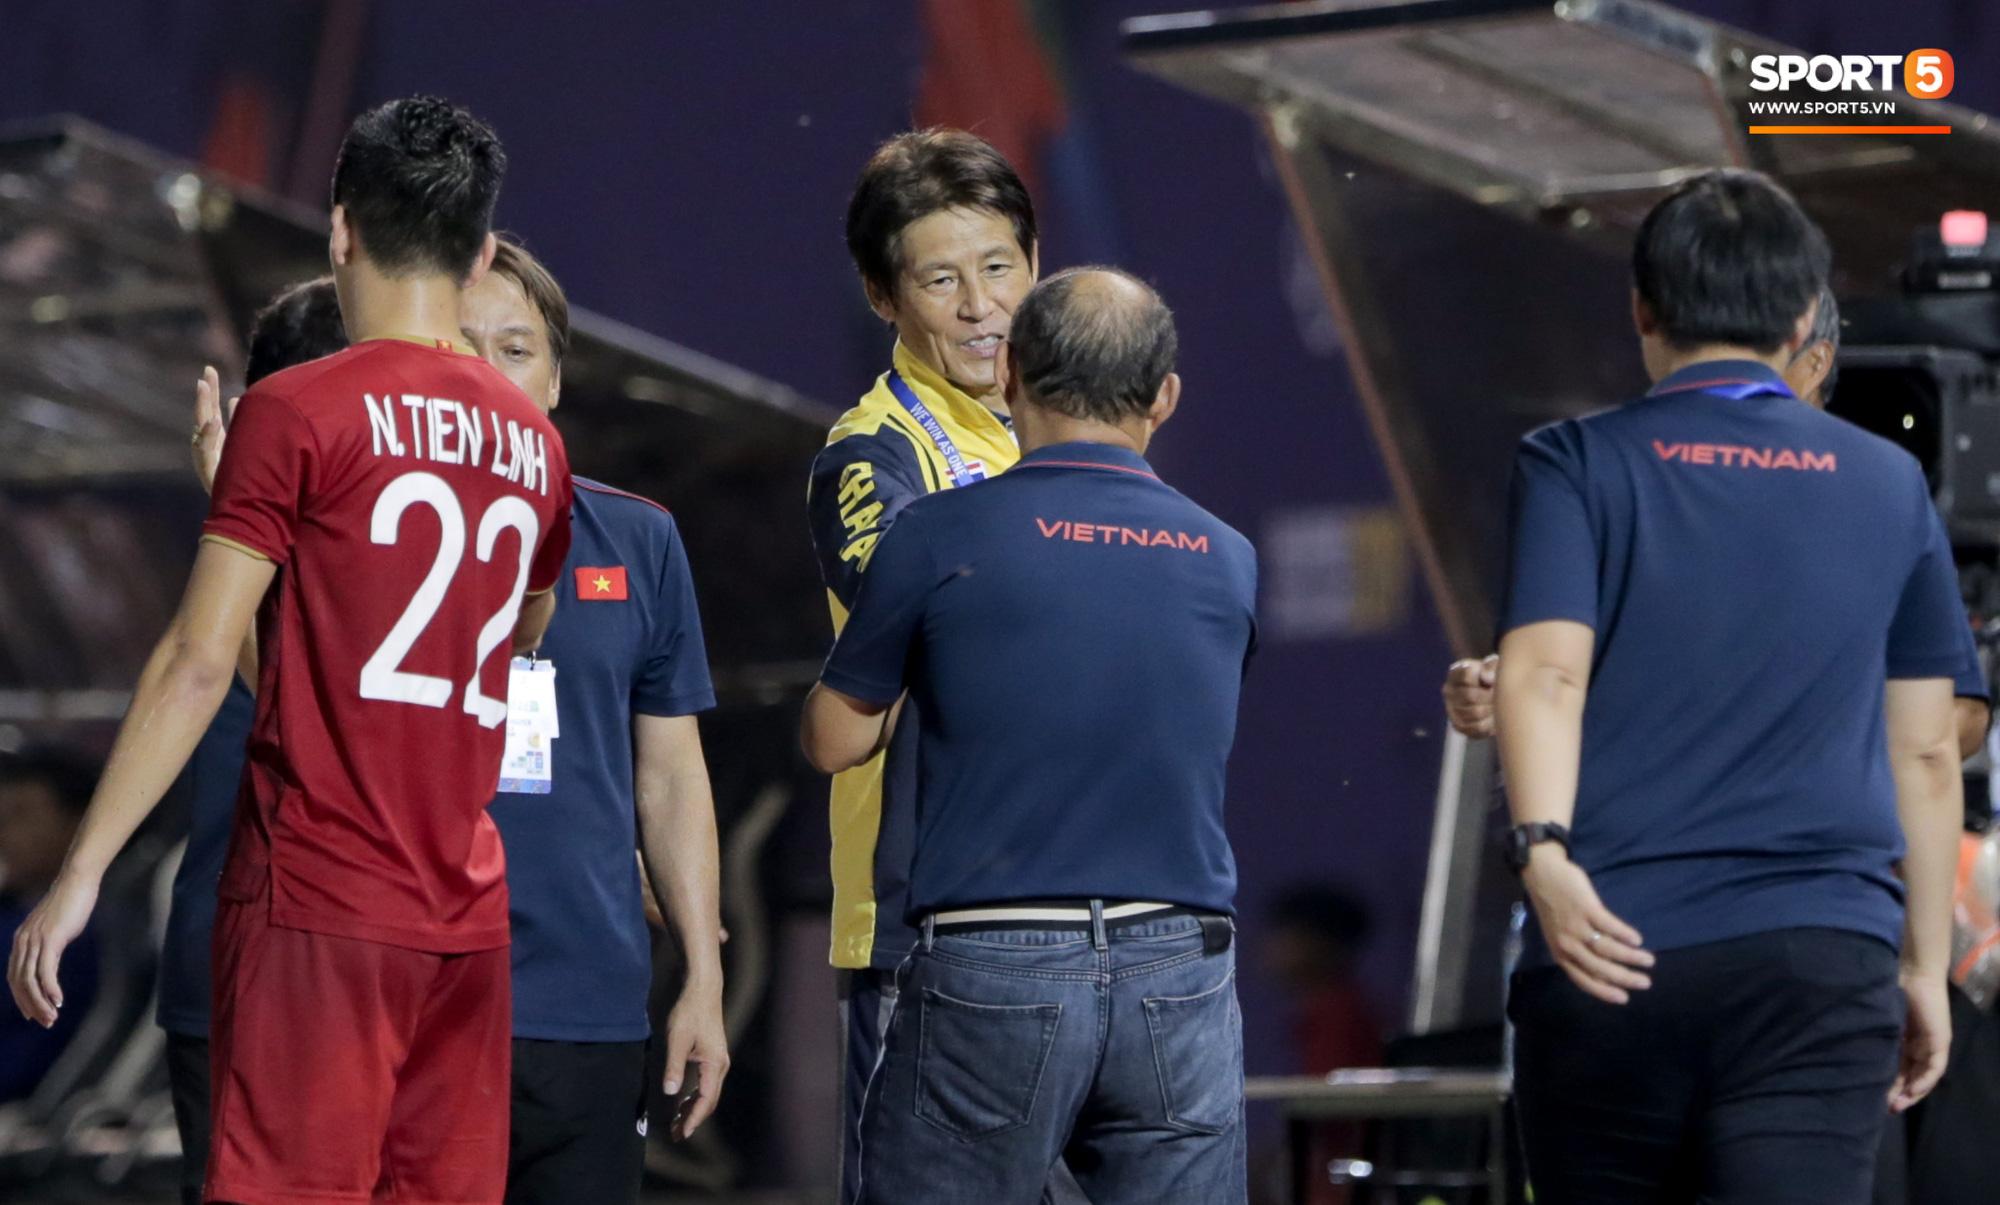 HLV U22 Thái Lan chủ động sang bắt tay thầy Park, hẹn phân thắng bại ở trận tiếp theo sau 3 lần toàn hoà - Ảnh 1.